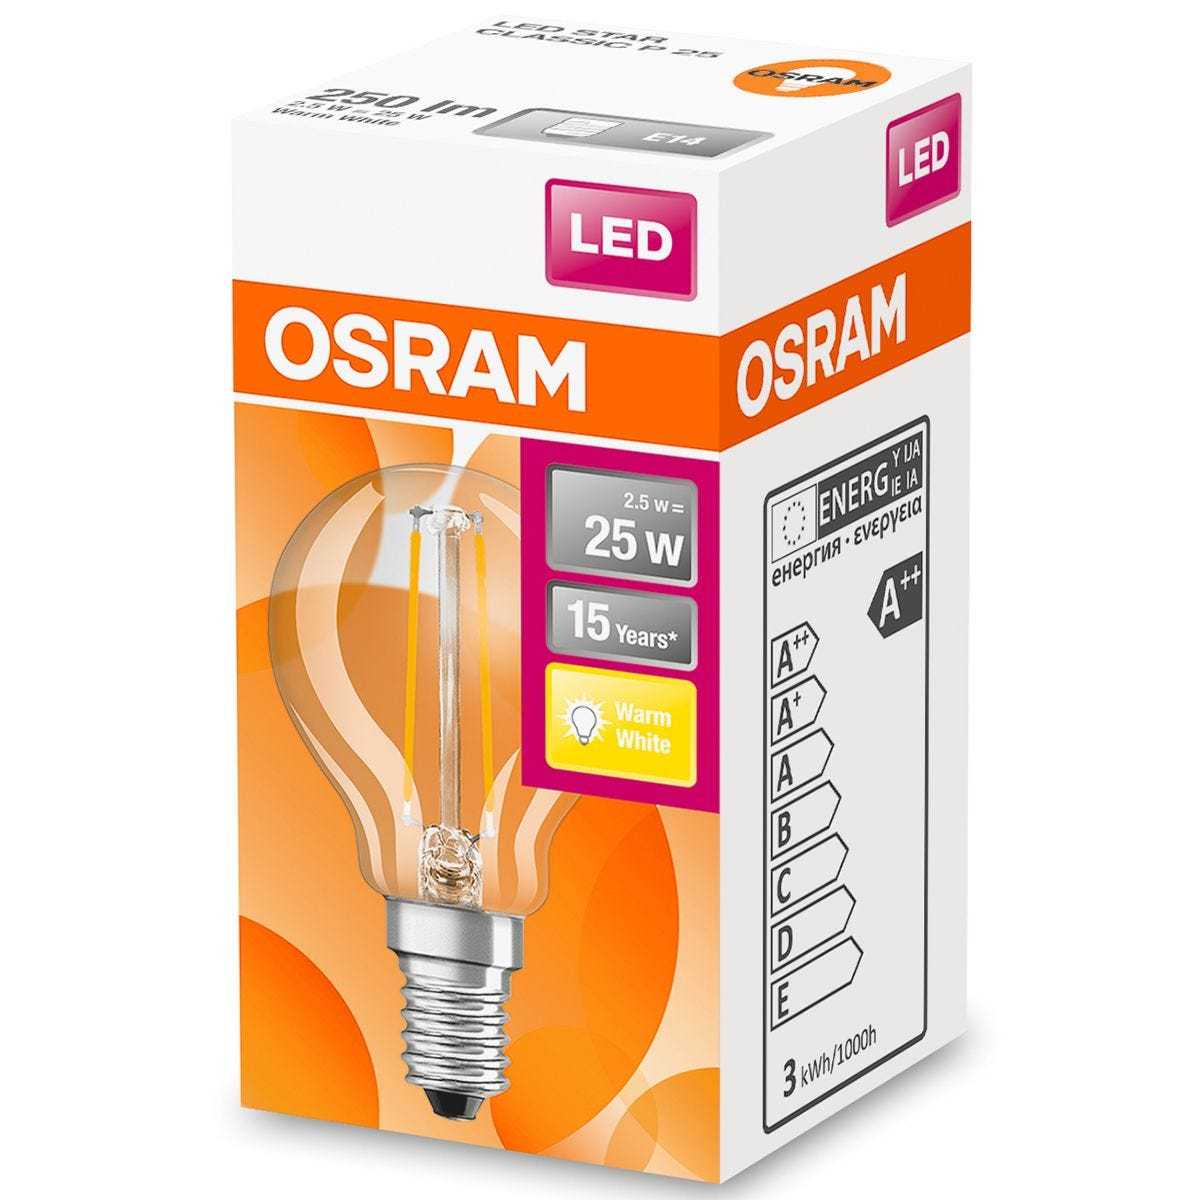 Osram Globe 25W LED Filament Clear SES Bulb